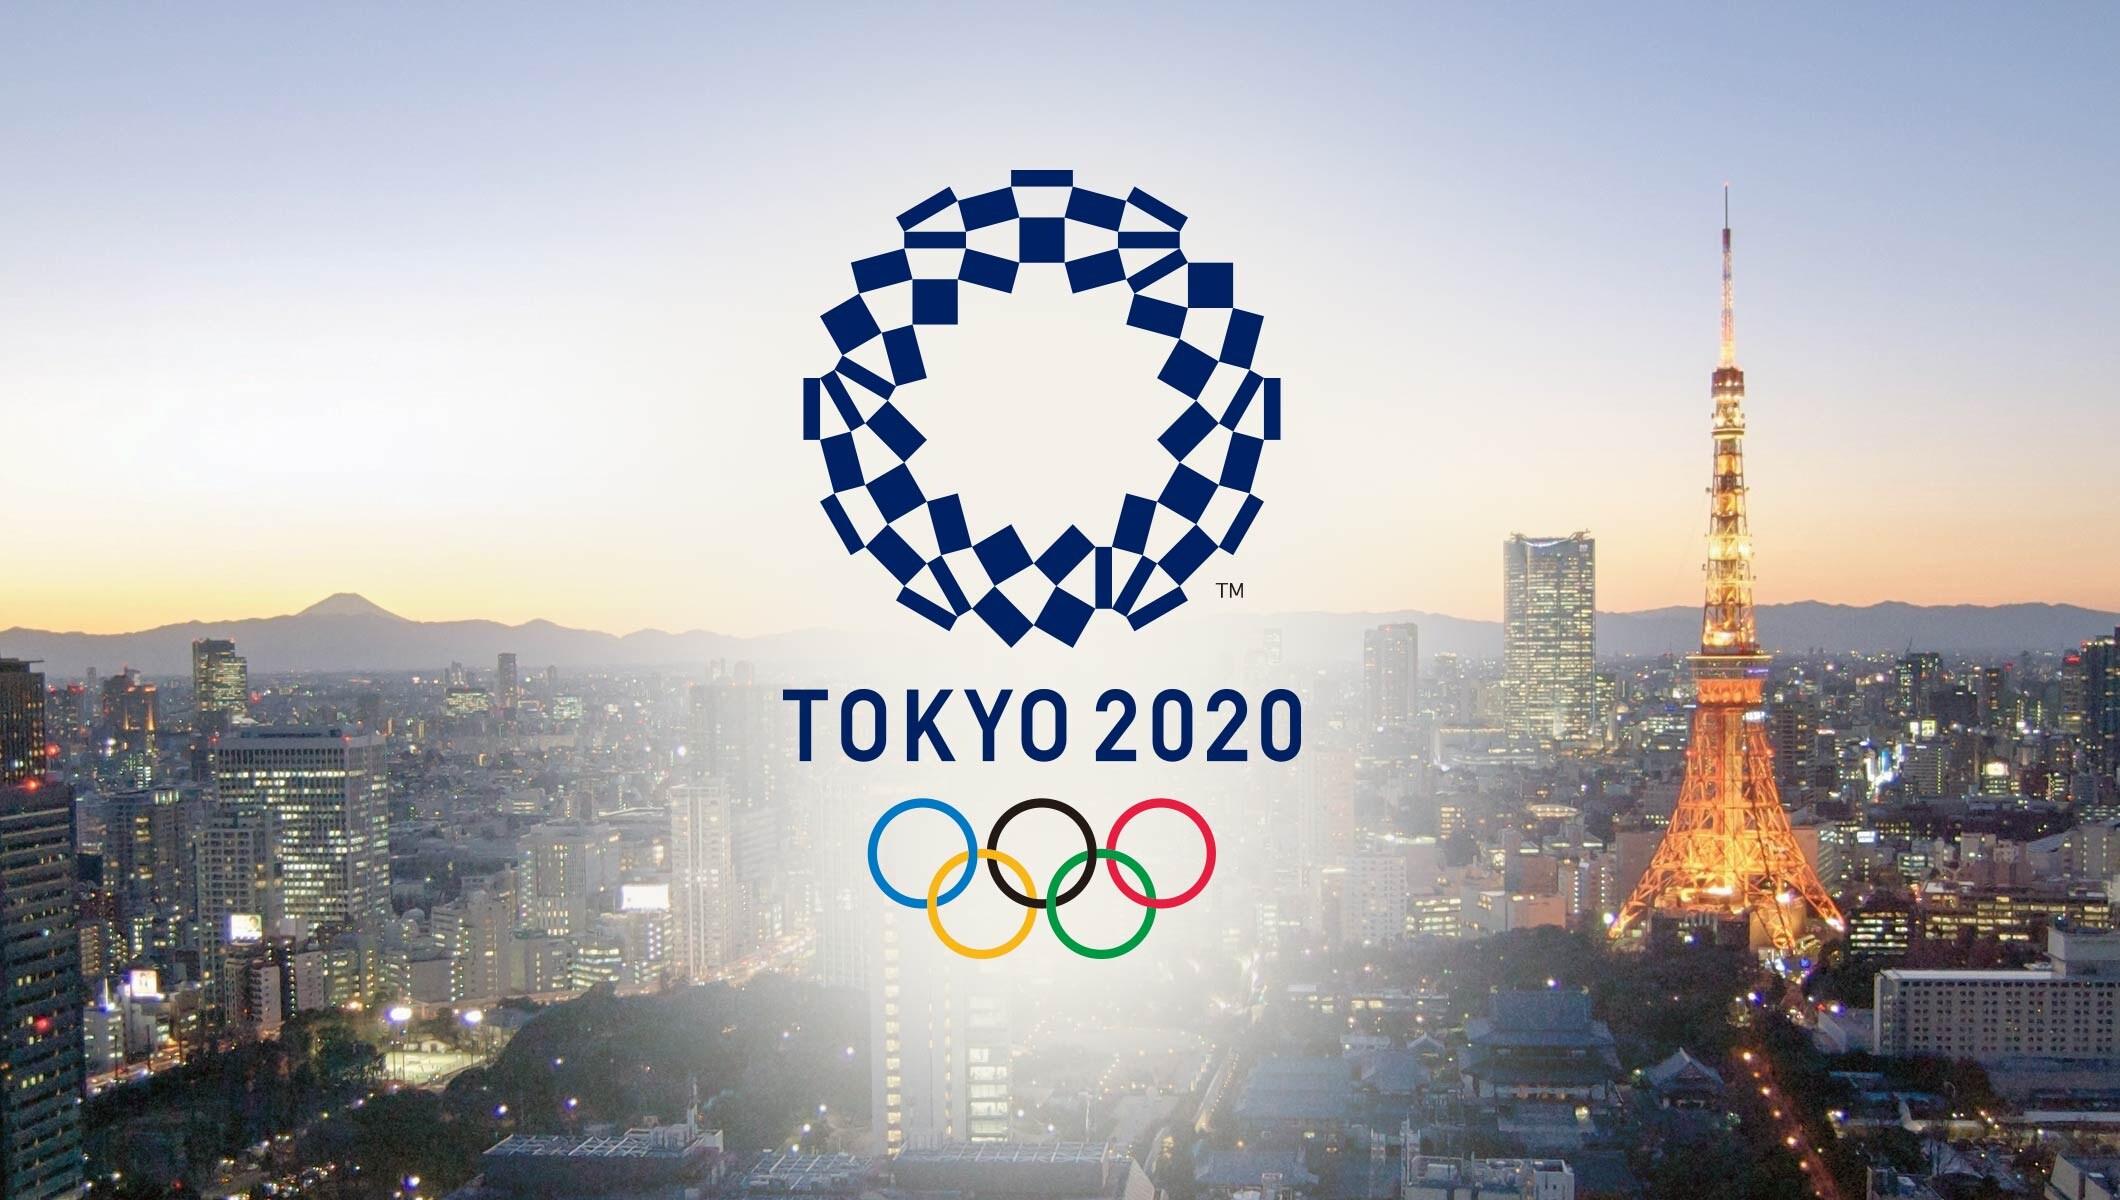 Els JJOO de Tòquio s'havien de celebrar el 2020 però van ser postposats a causa de la pandèmia | COI